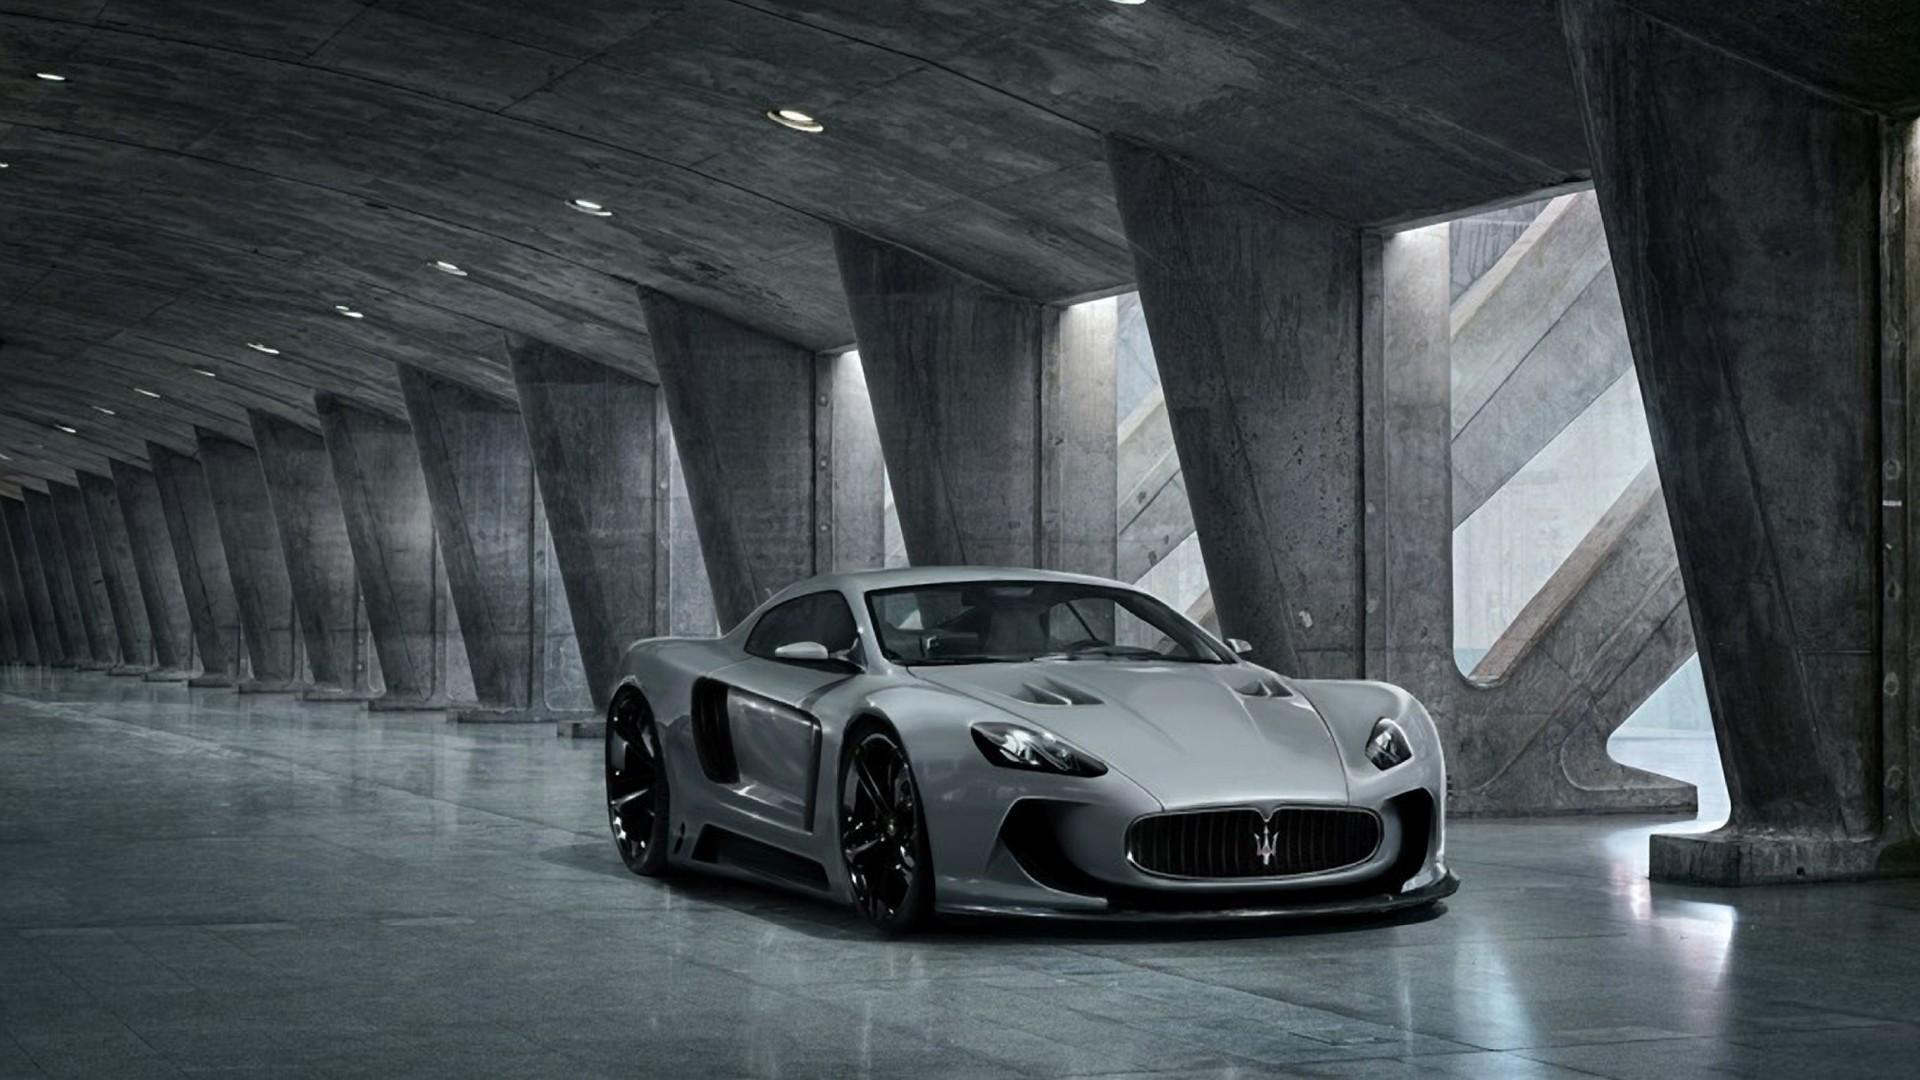 Maserati Hd Wallpaper Aston Martin Db9 476279 Hd